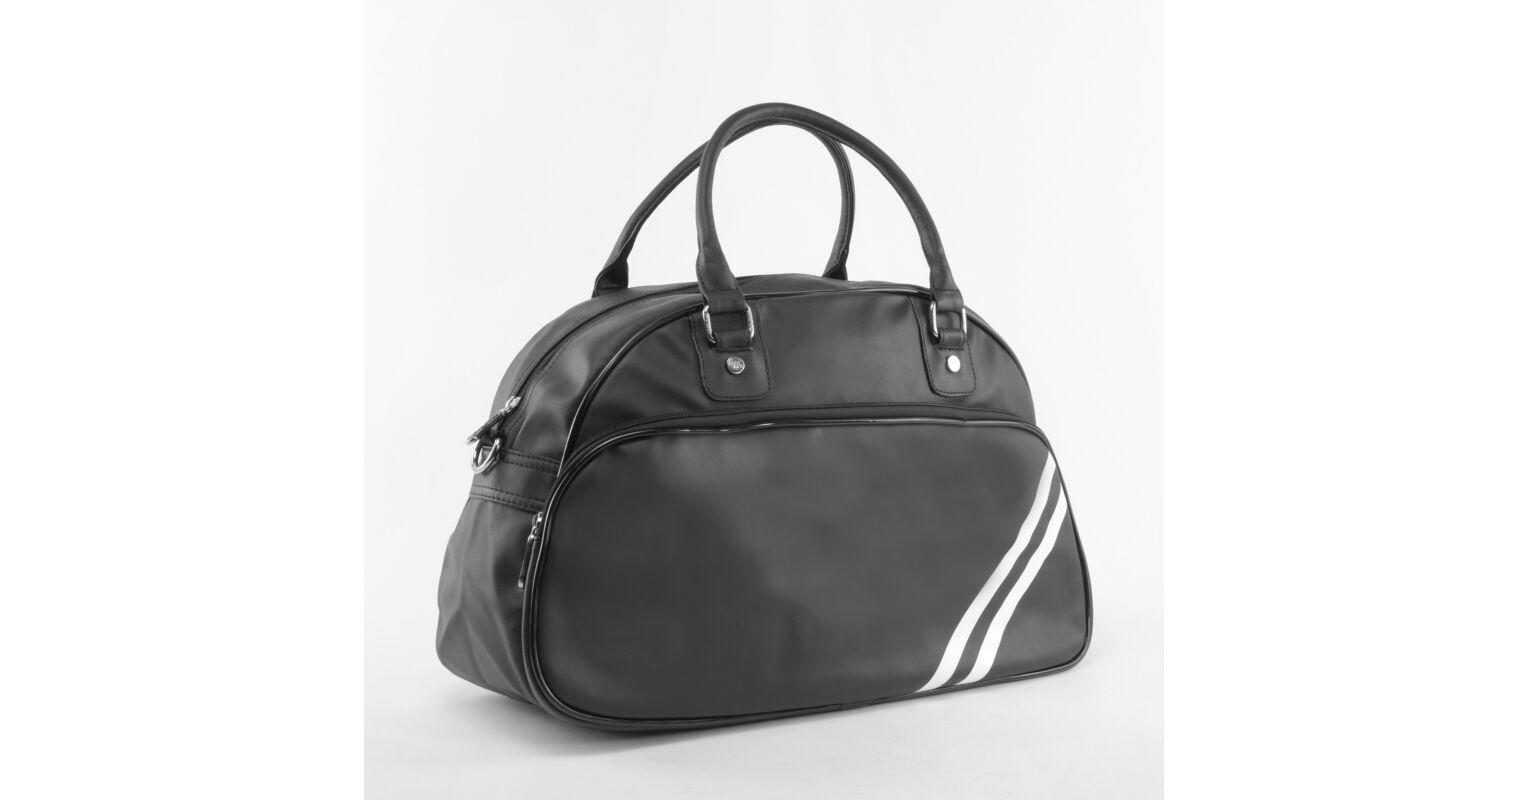 5d904dcad490 Besty Női Fekete Műbőr Utazótáska - KÖZEPES MÉRETŰ UTAZÓTÁSKA - Táska  webáruház - Minőségi táskák mindenkinek